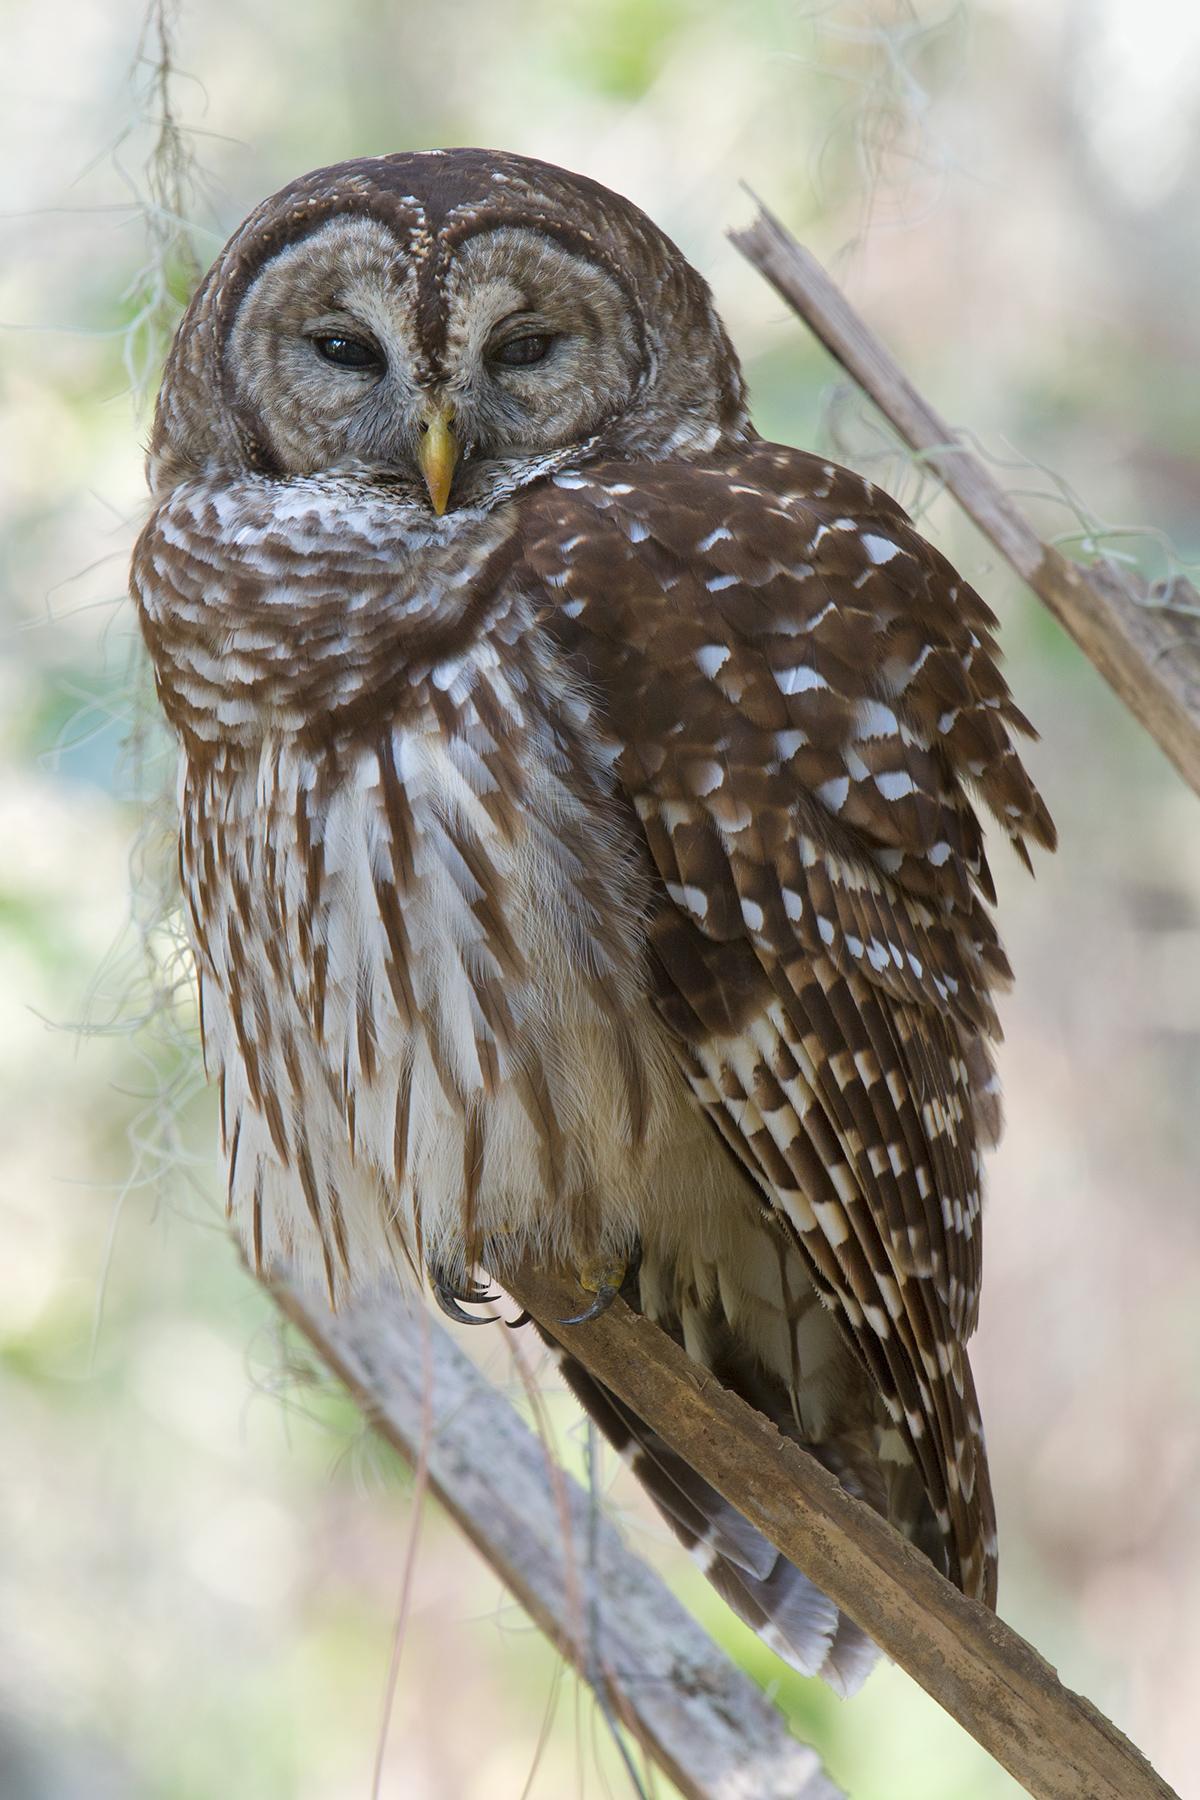 Sleepy Barred Owl at Gemini Springs, 28 Jan.